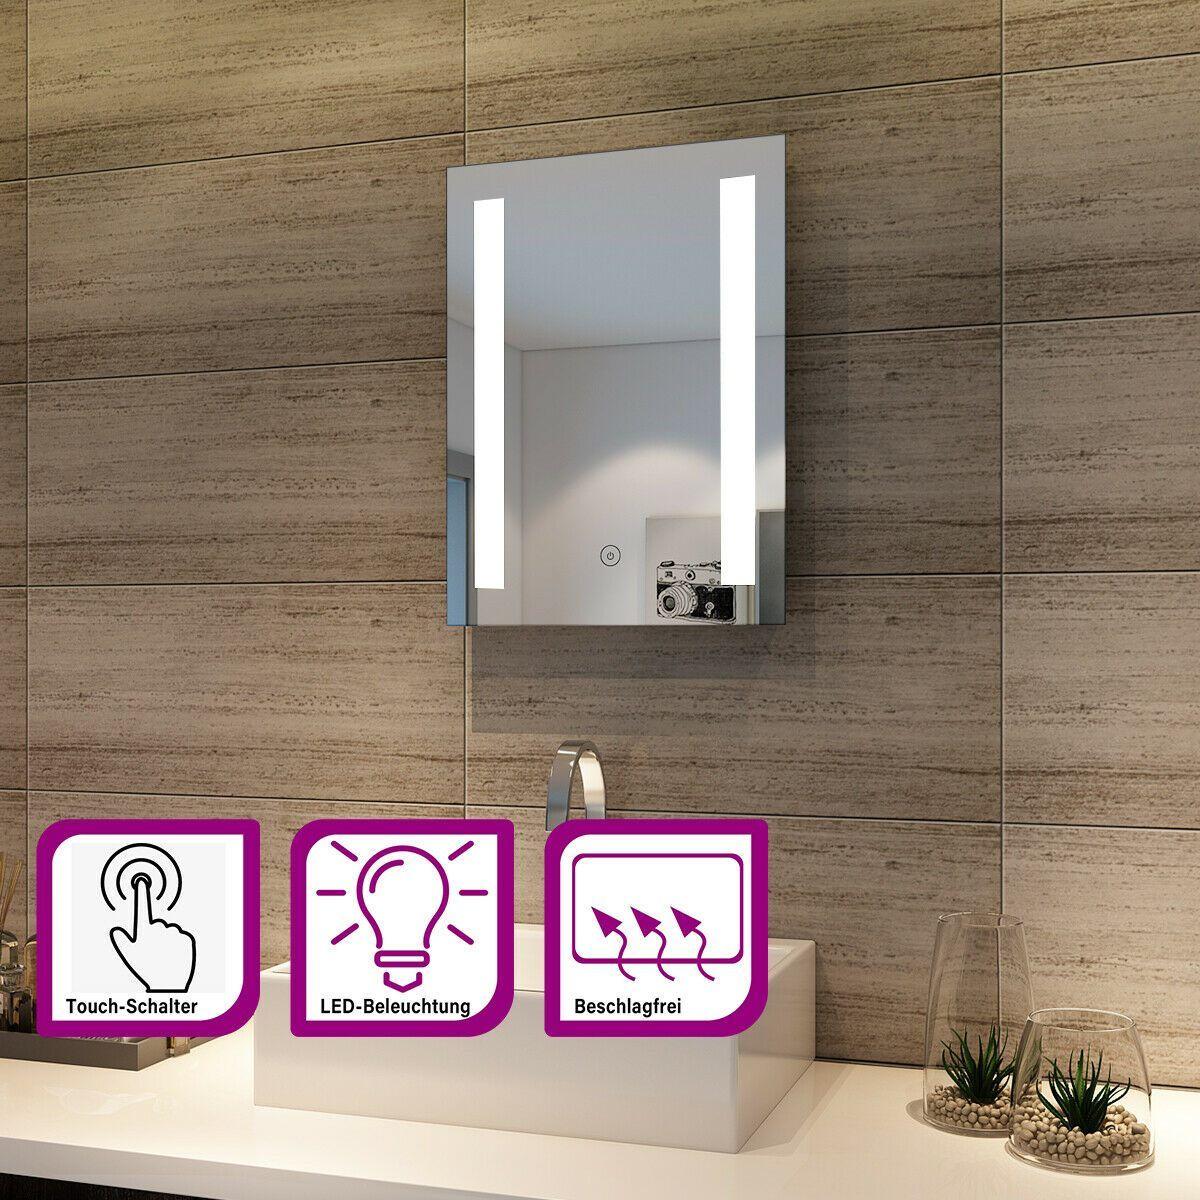 12 Led Bad Spiegel Mit Ledbeleuchtung Kaltweiss Ip Energiesparender Led Energie Sparen Weisse Badezimmer